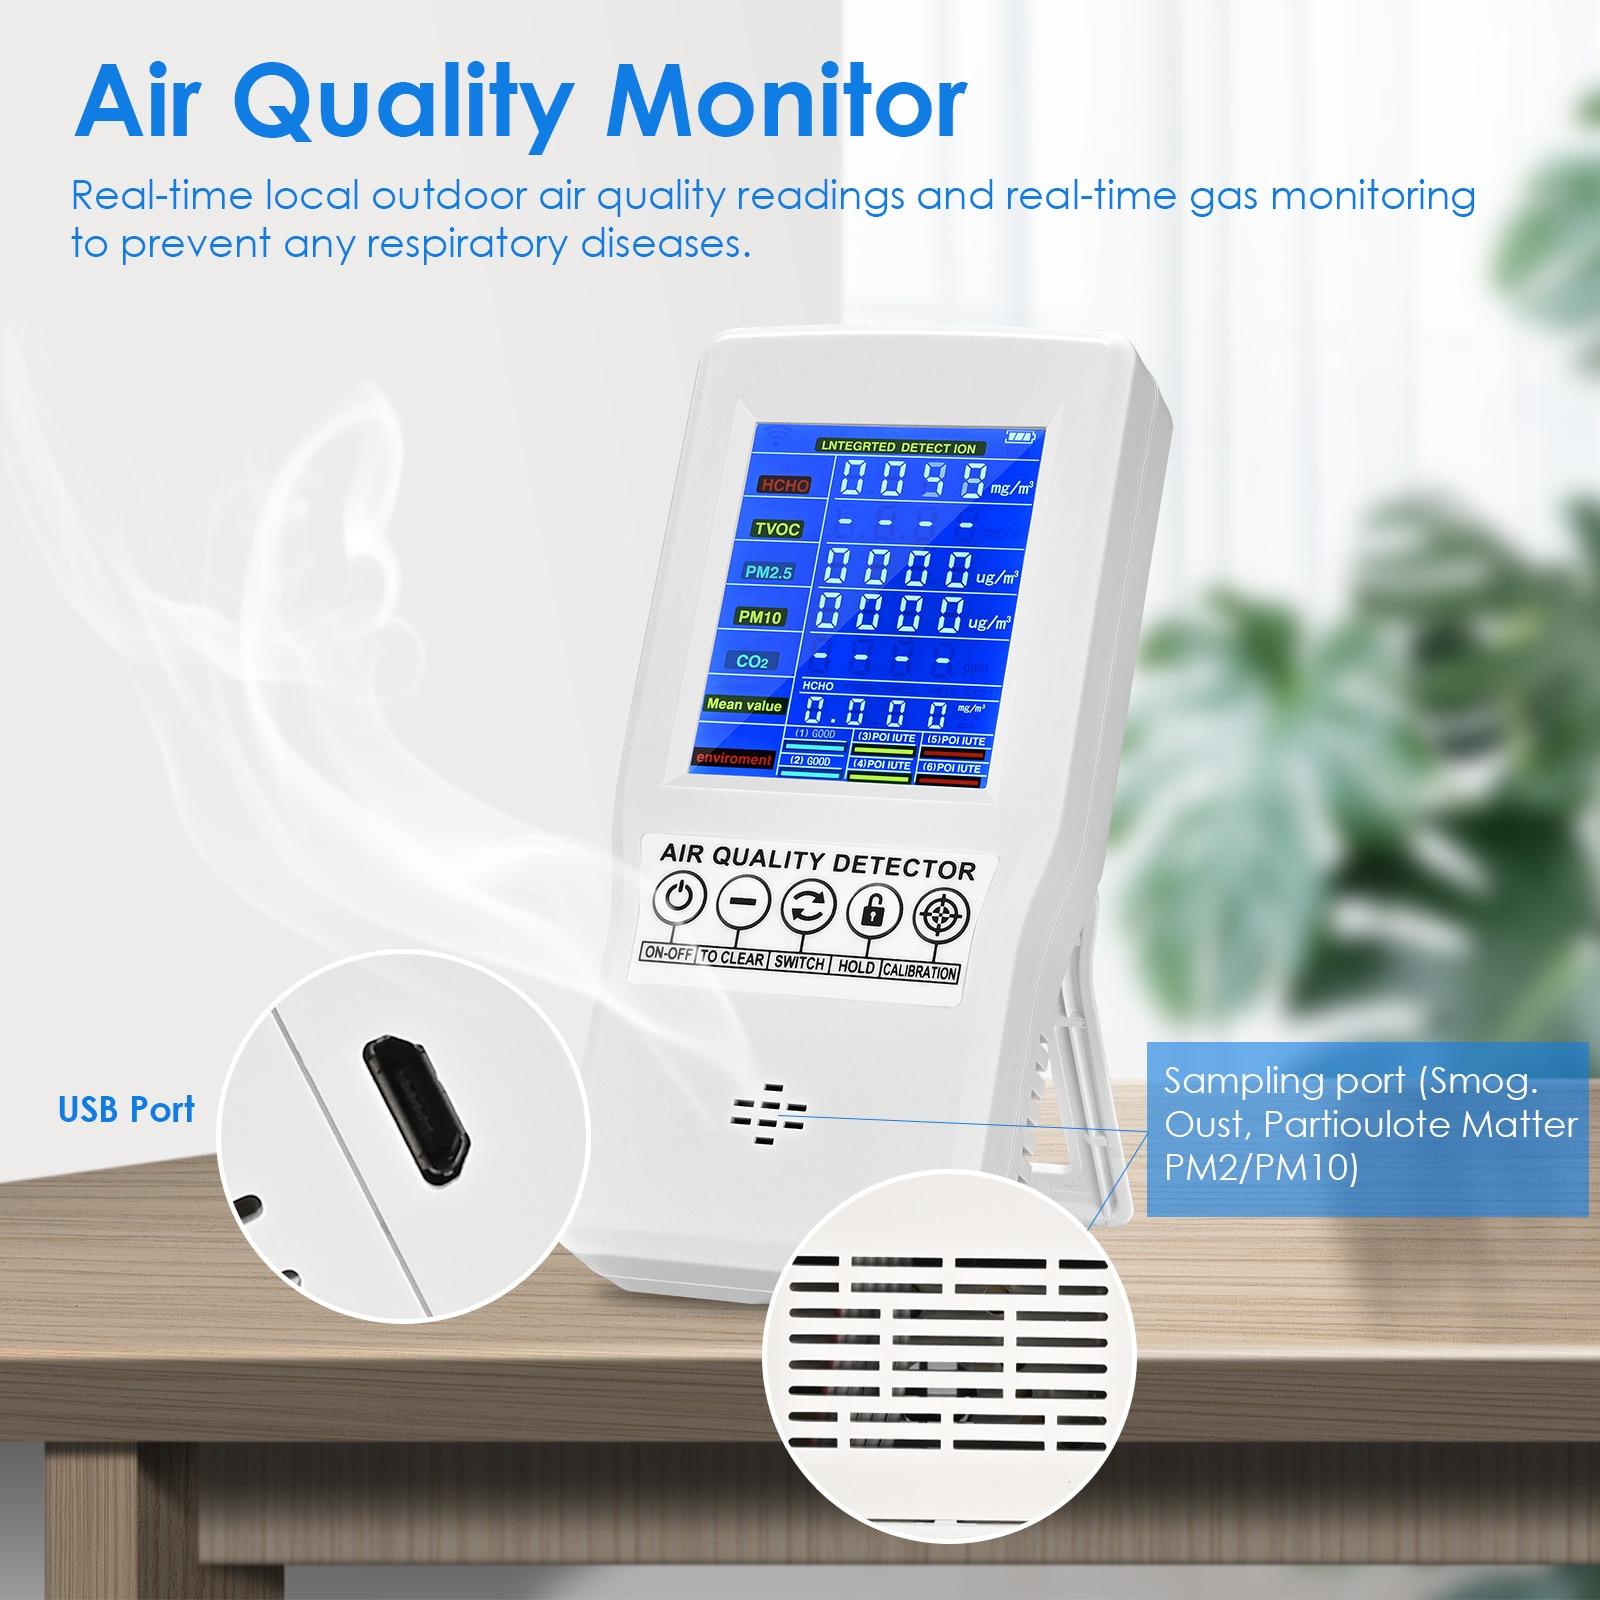 مراقبة جودة الهواء اختبار دقيق ل CO2 الفورمالديهايد (HCHO) TVOC PM2.5/PM10 متعددة الوظائف كاشف الغاز الهواء الاتحاد الأوروبي مستودع